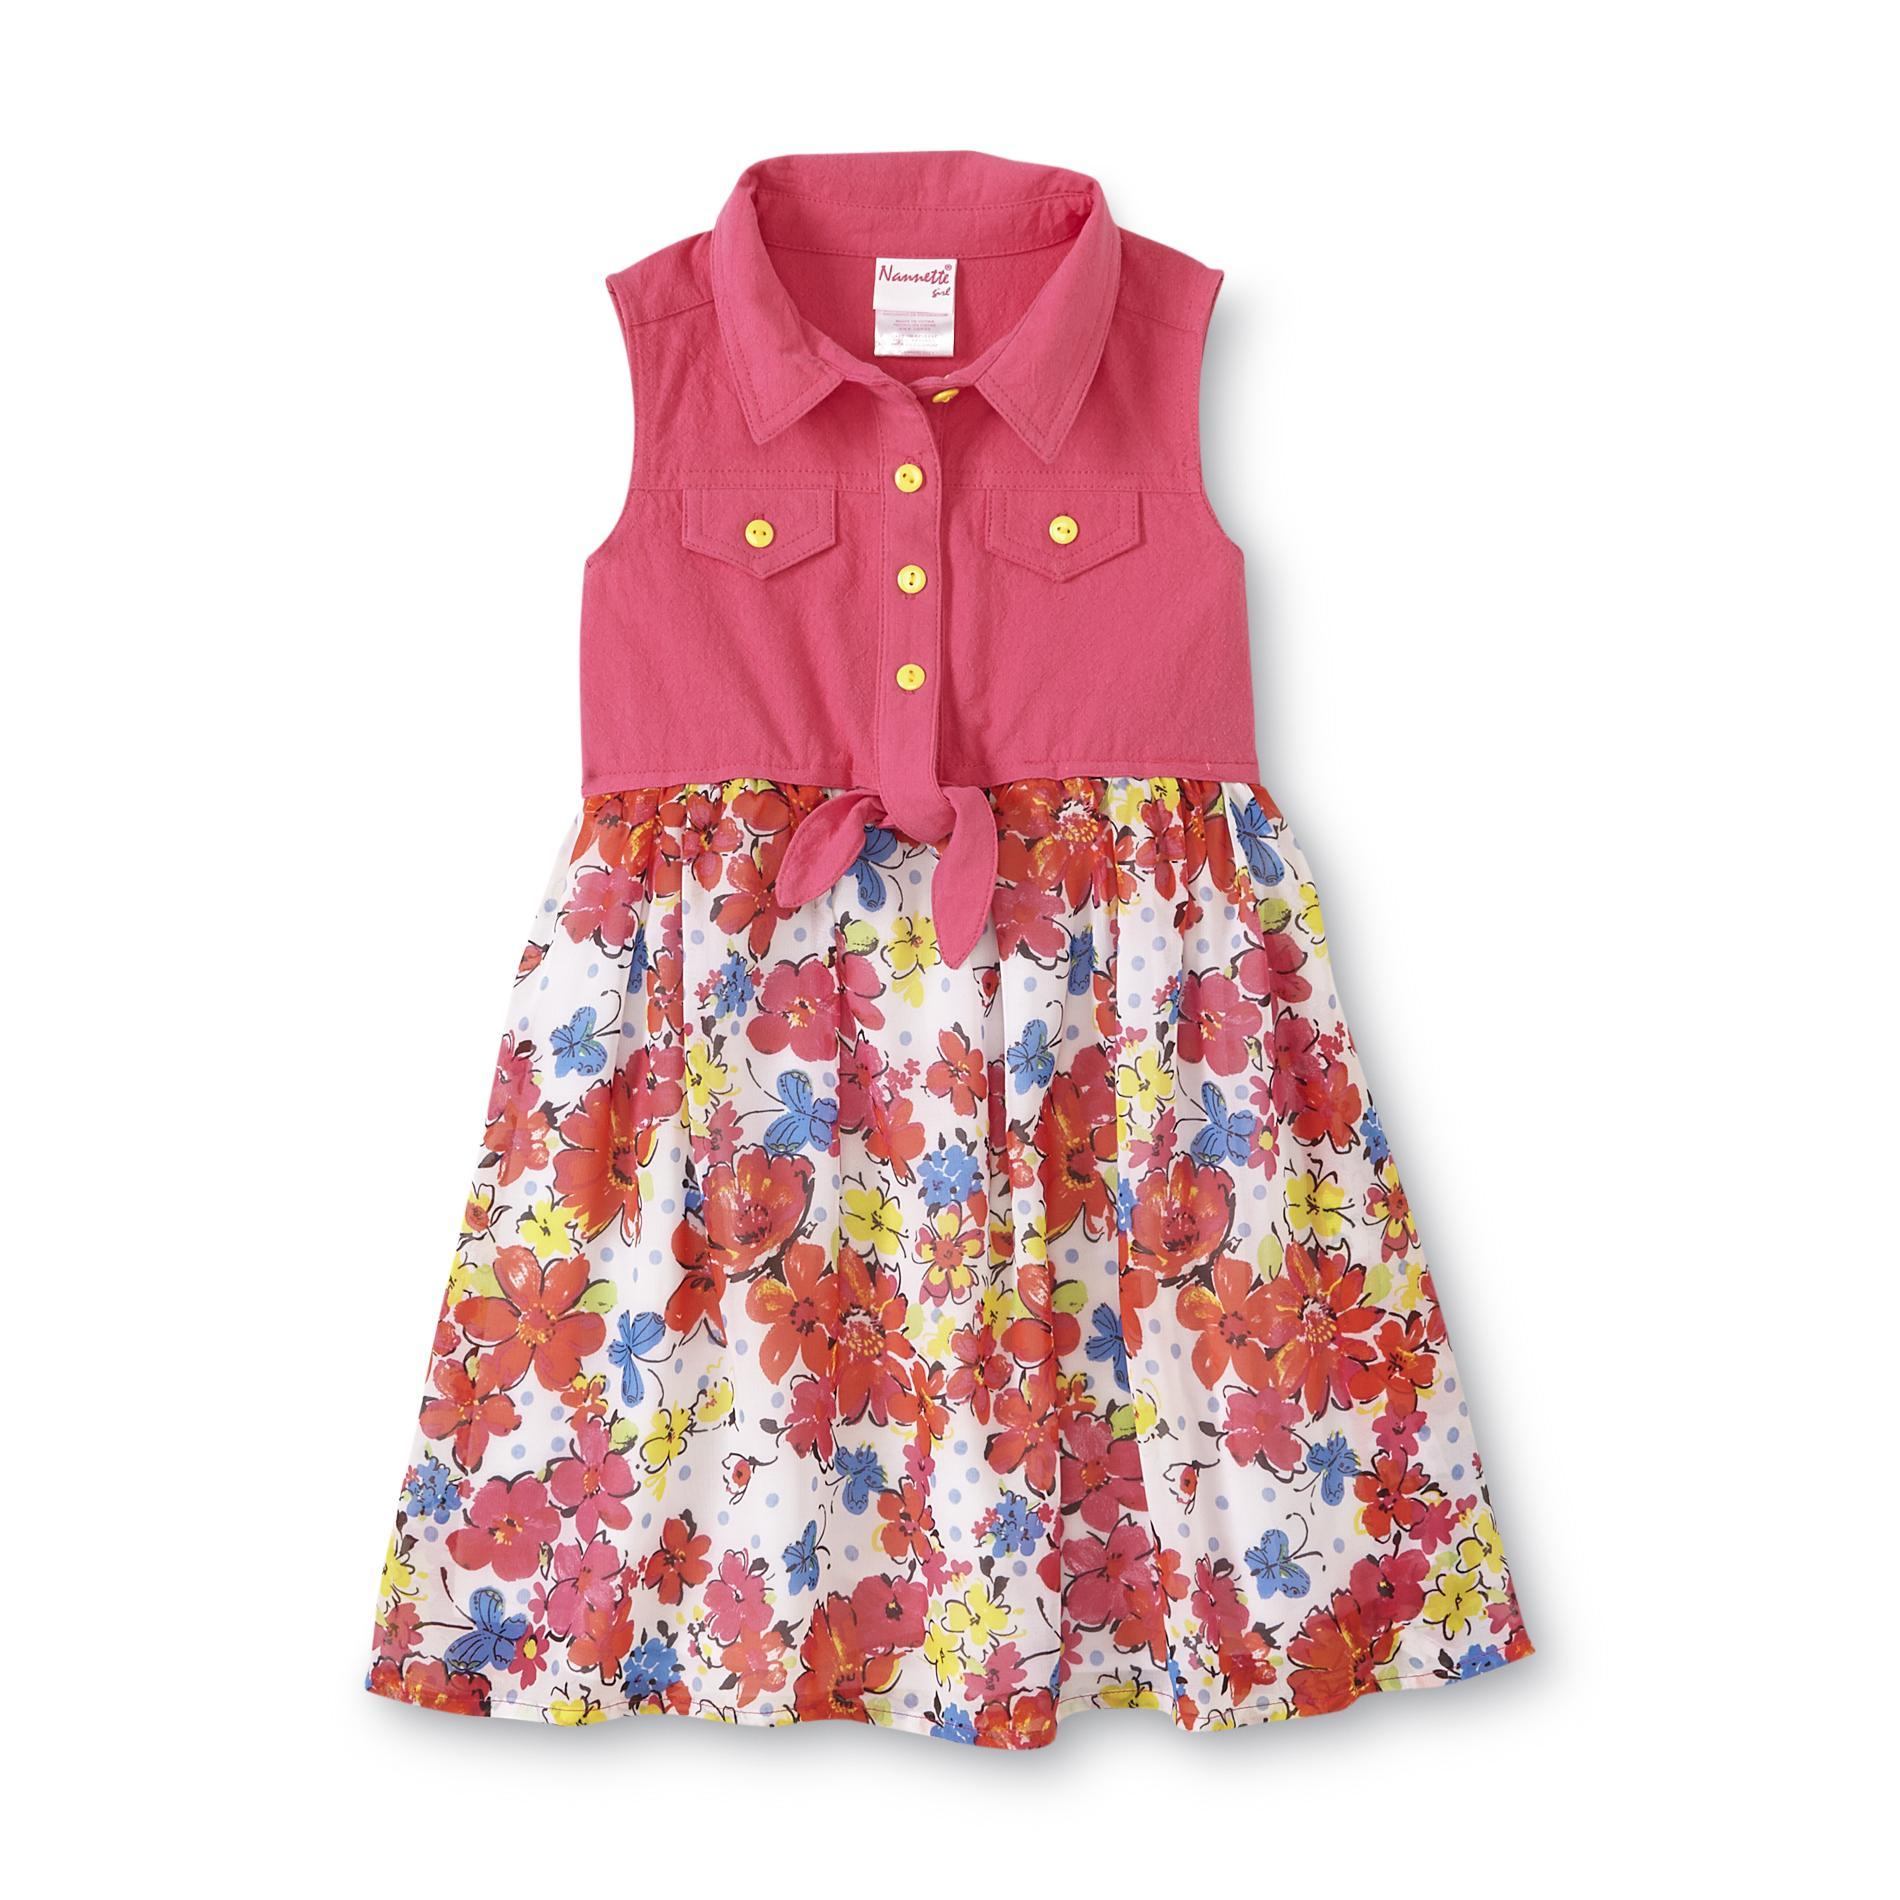 Nanette Girl's Sleeveless Casual Dress - Floral